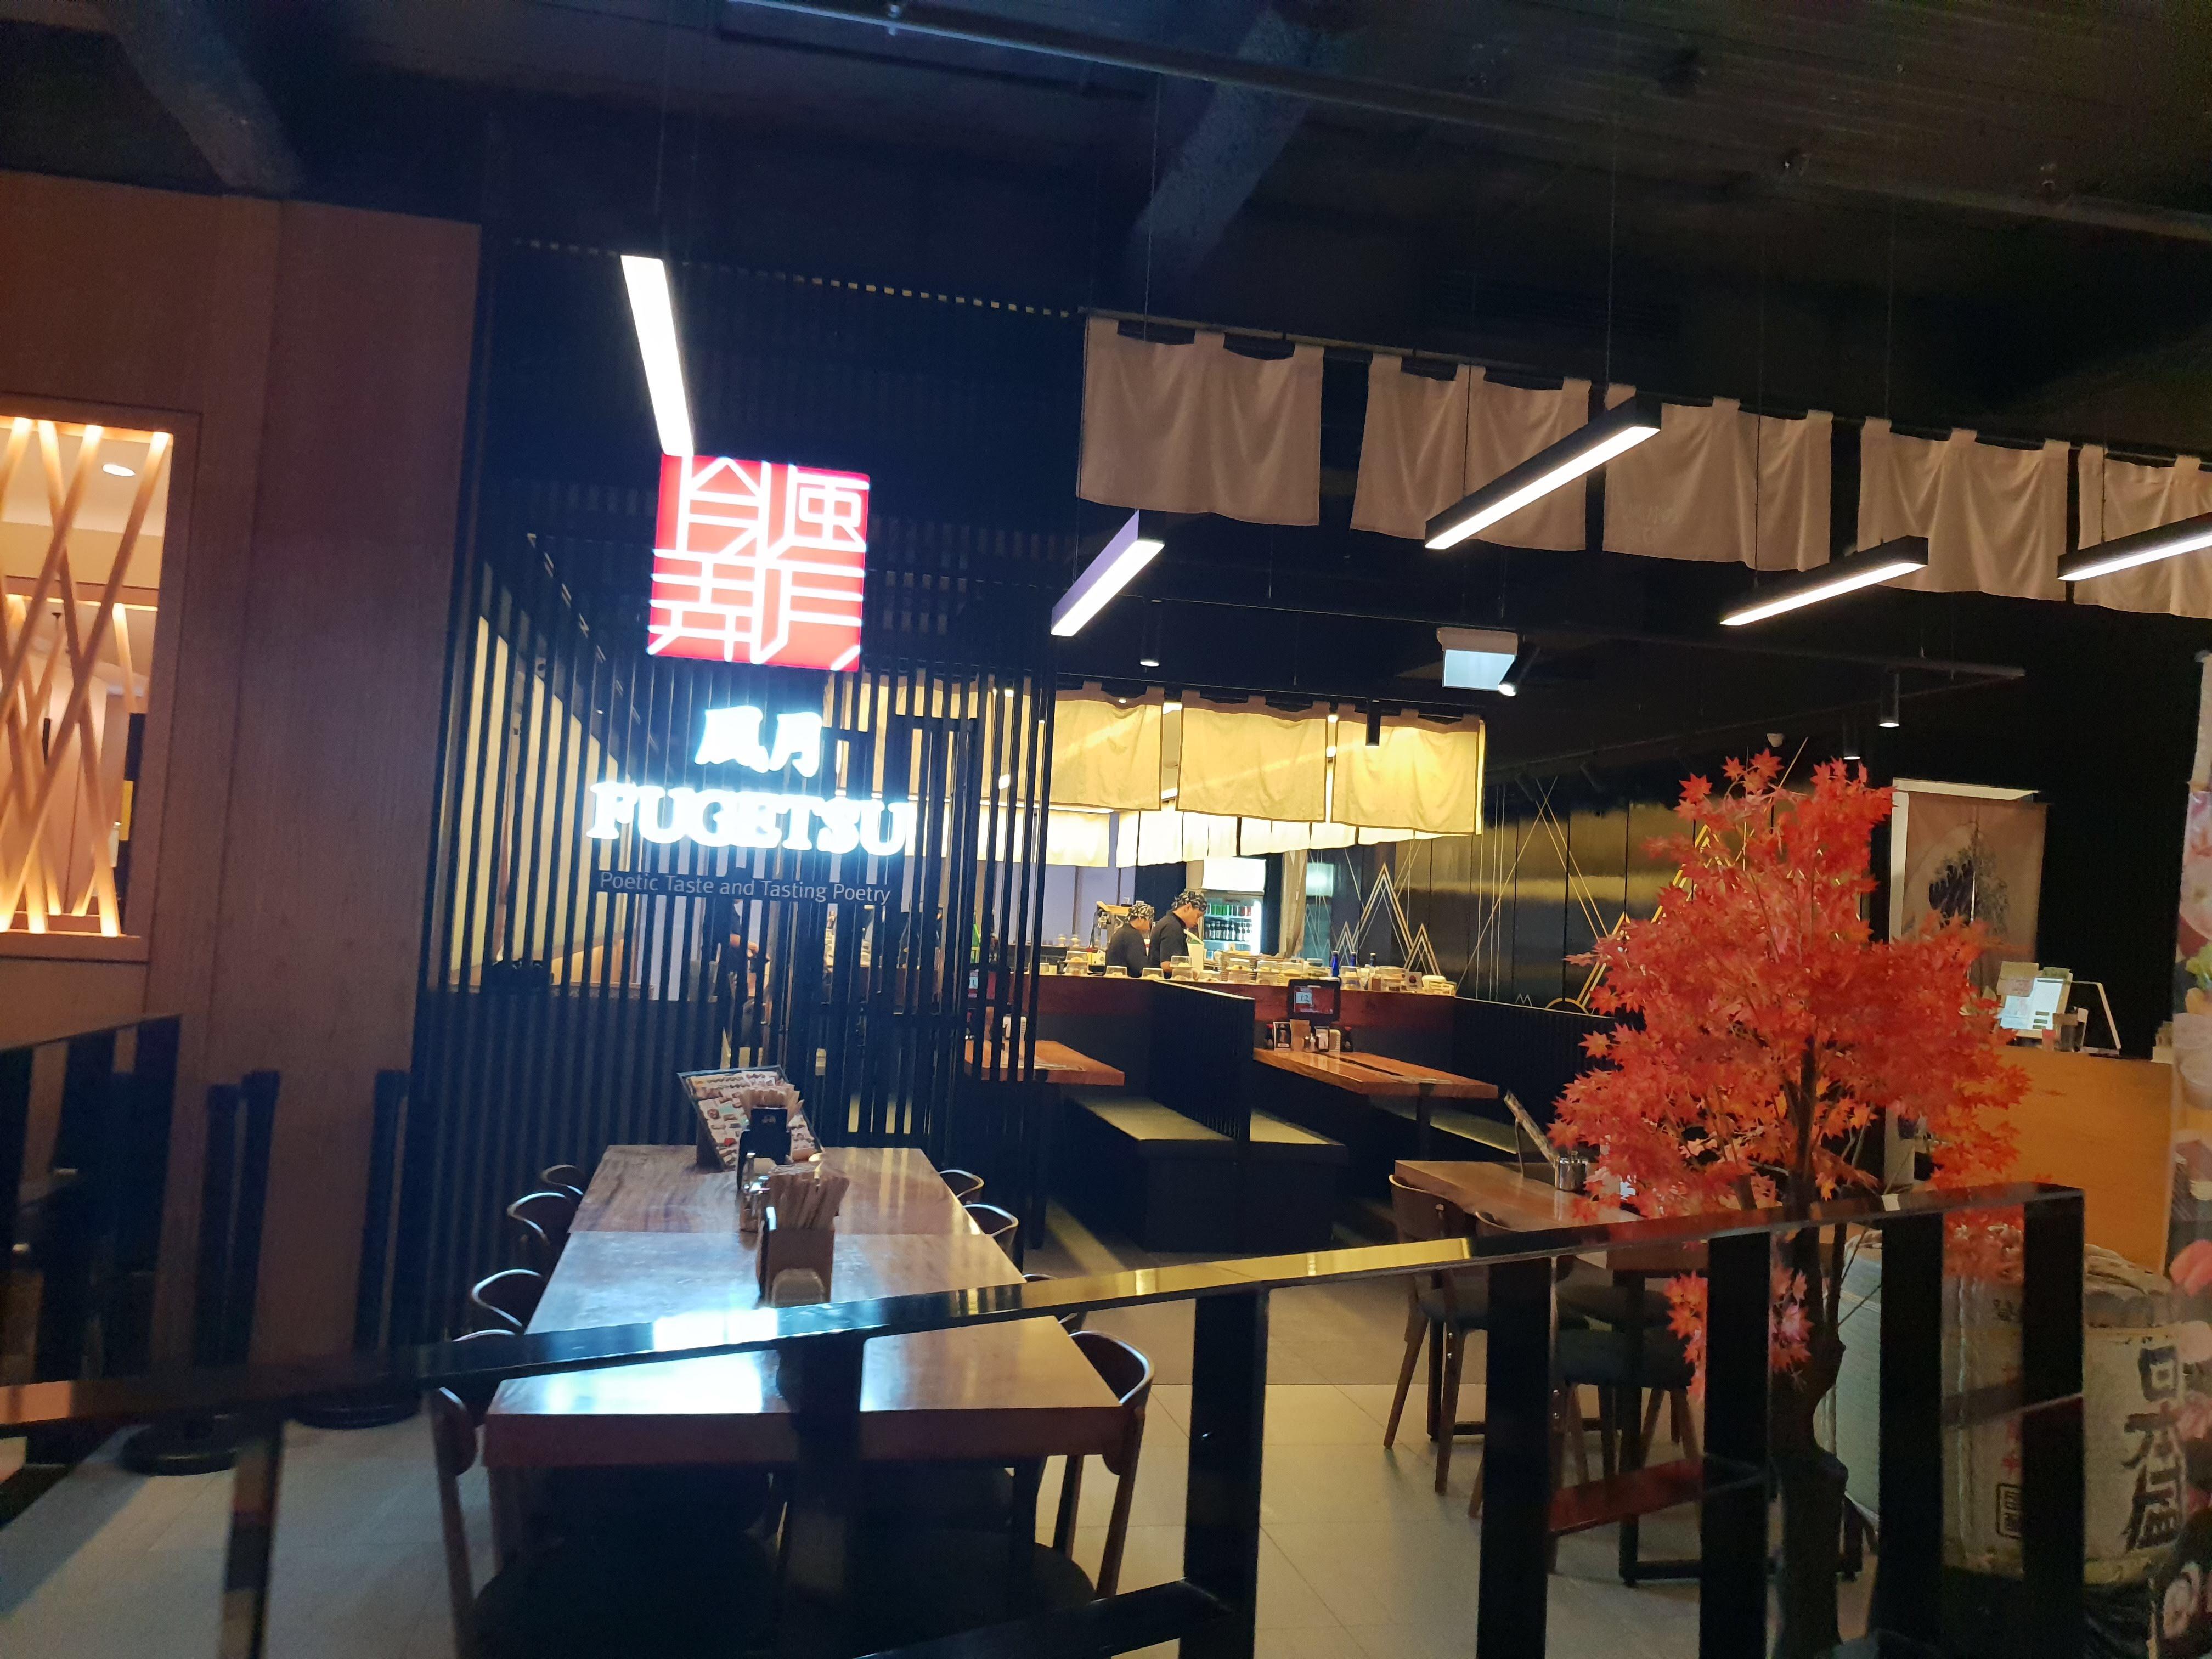 居酒屋メニューも楽しめるマーケットシティのお寿司屋さん Fugetsu